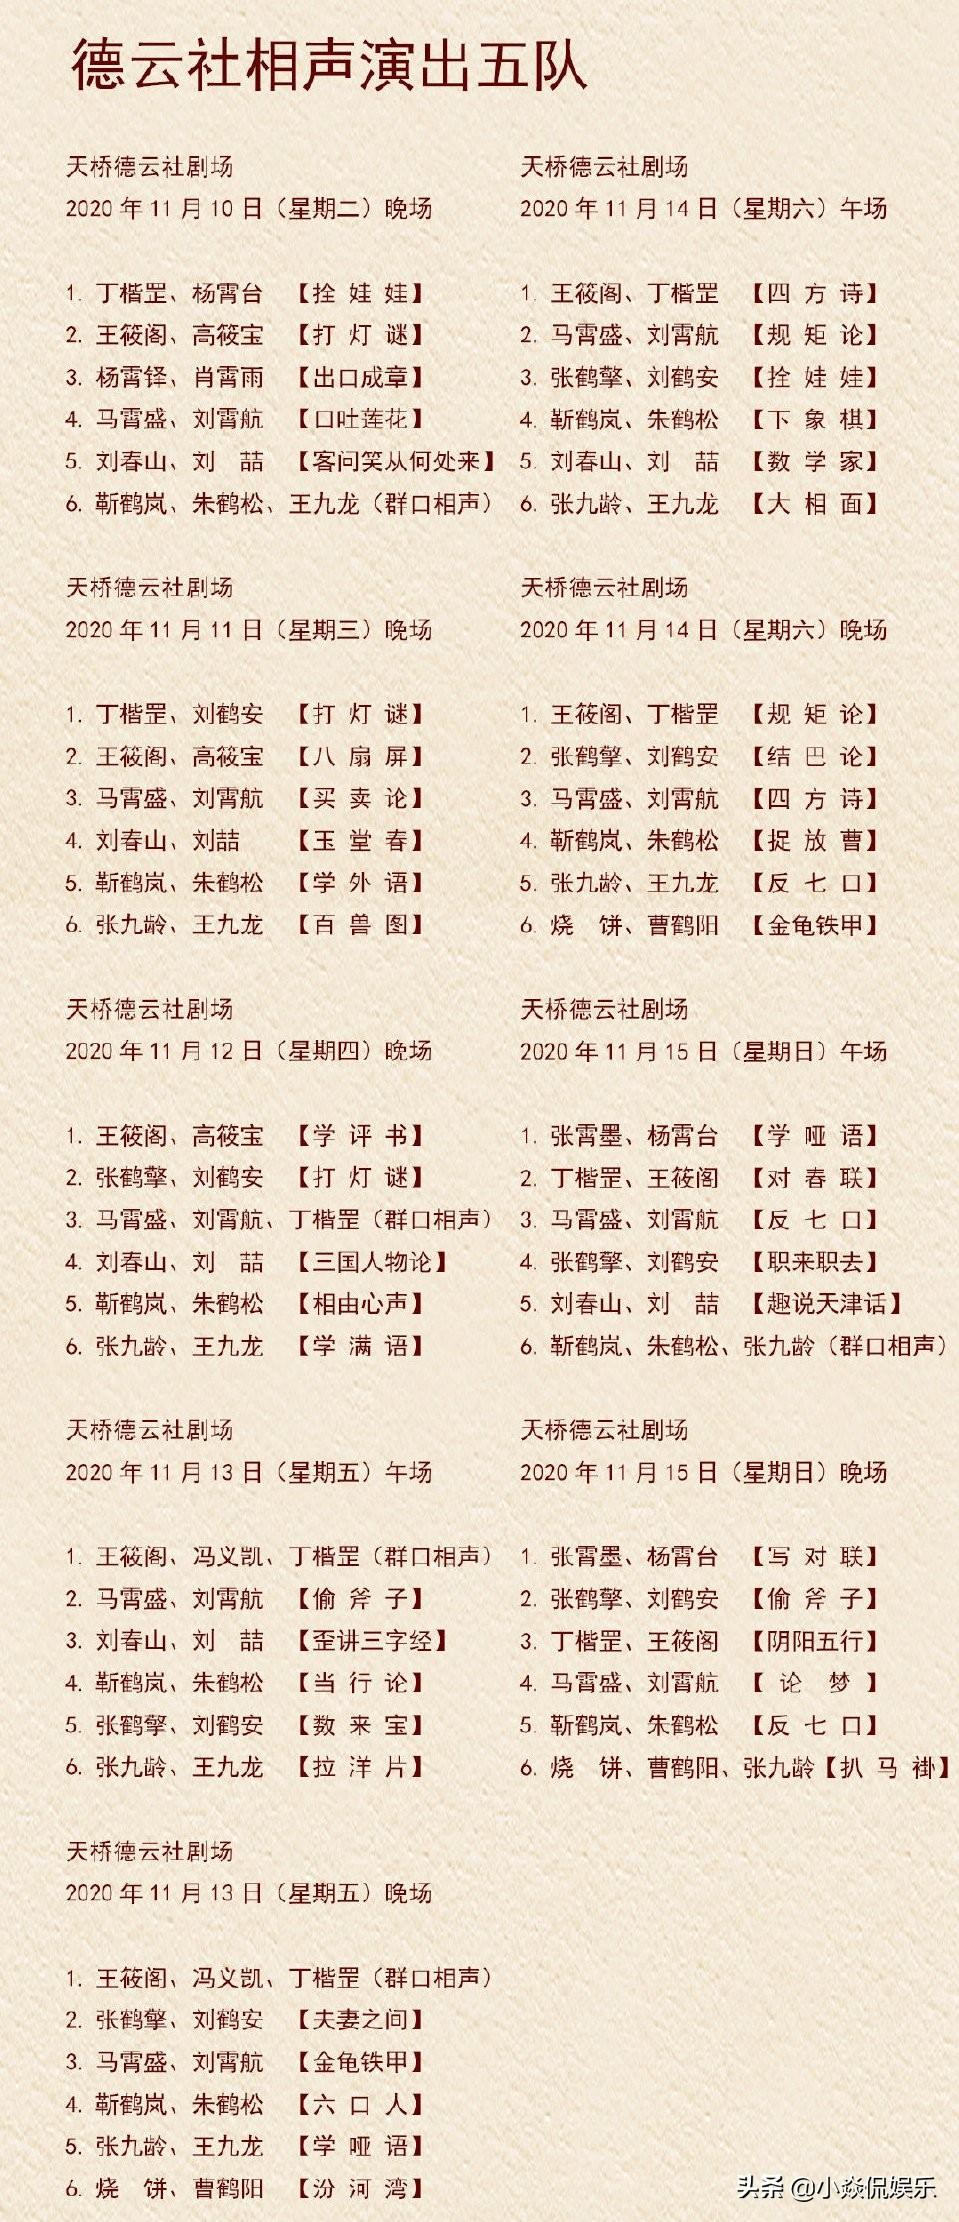 德云社更新节目单:亭泰芳汉九华全勤上班,六队节目最全最热闹